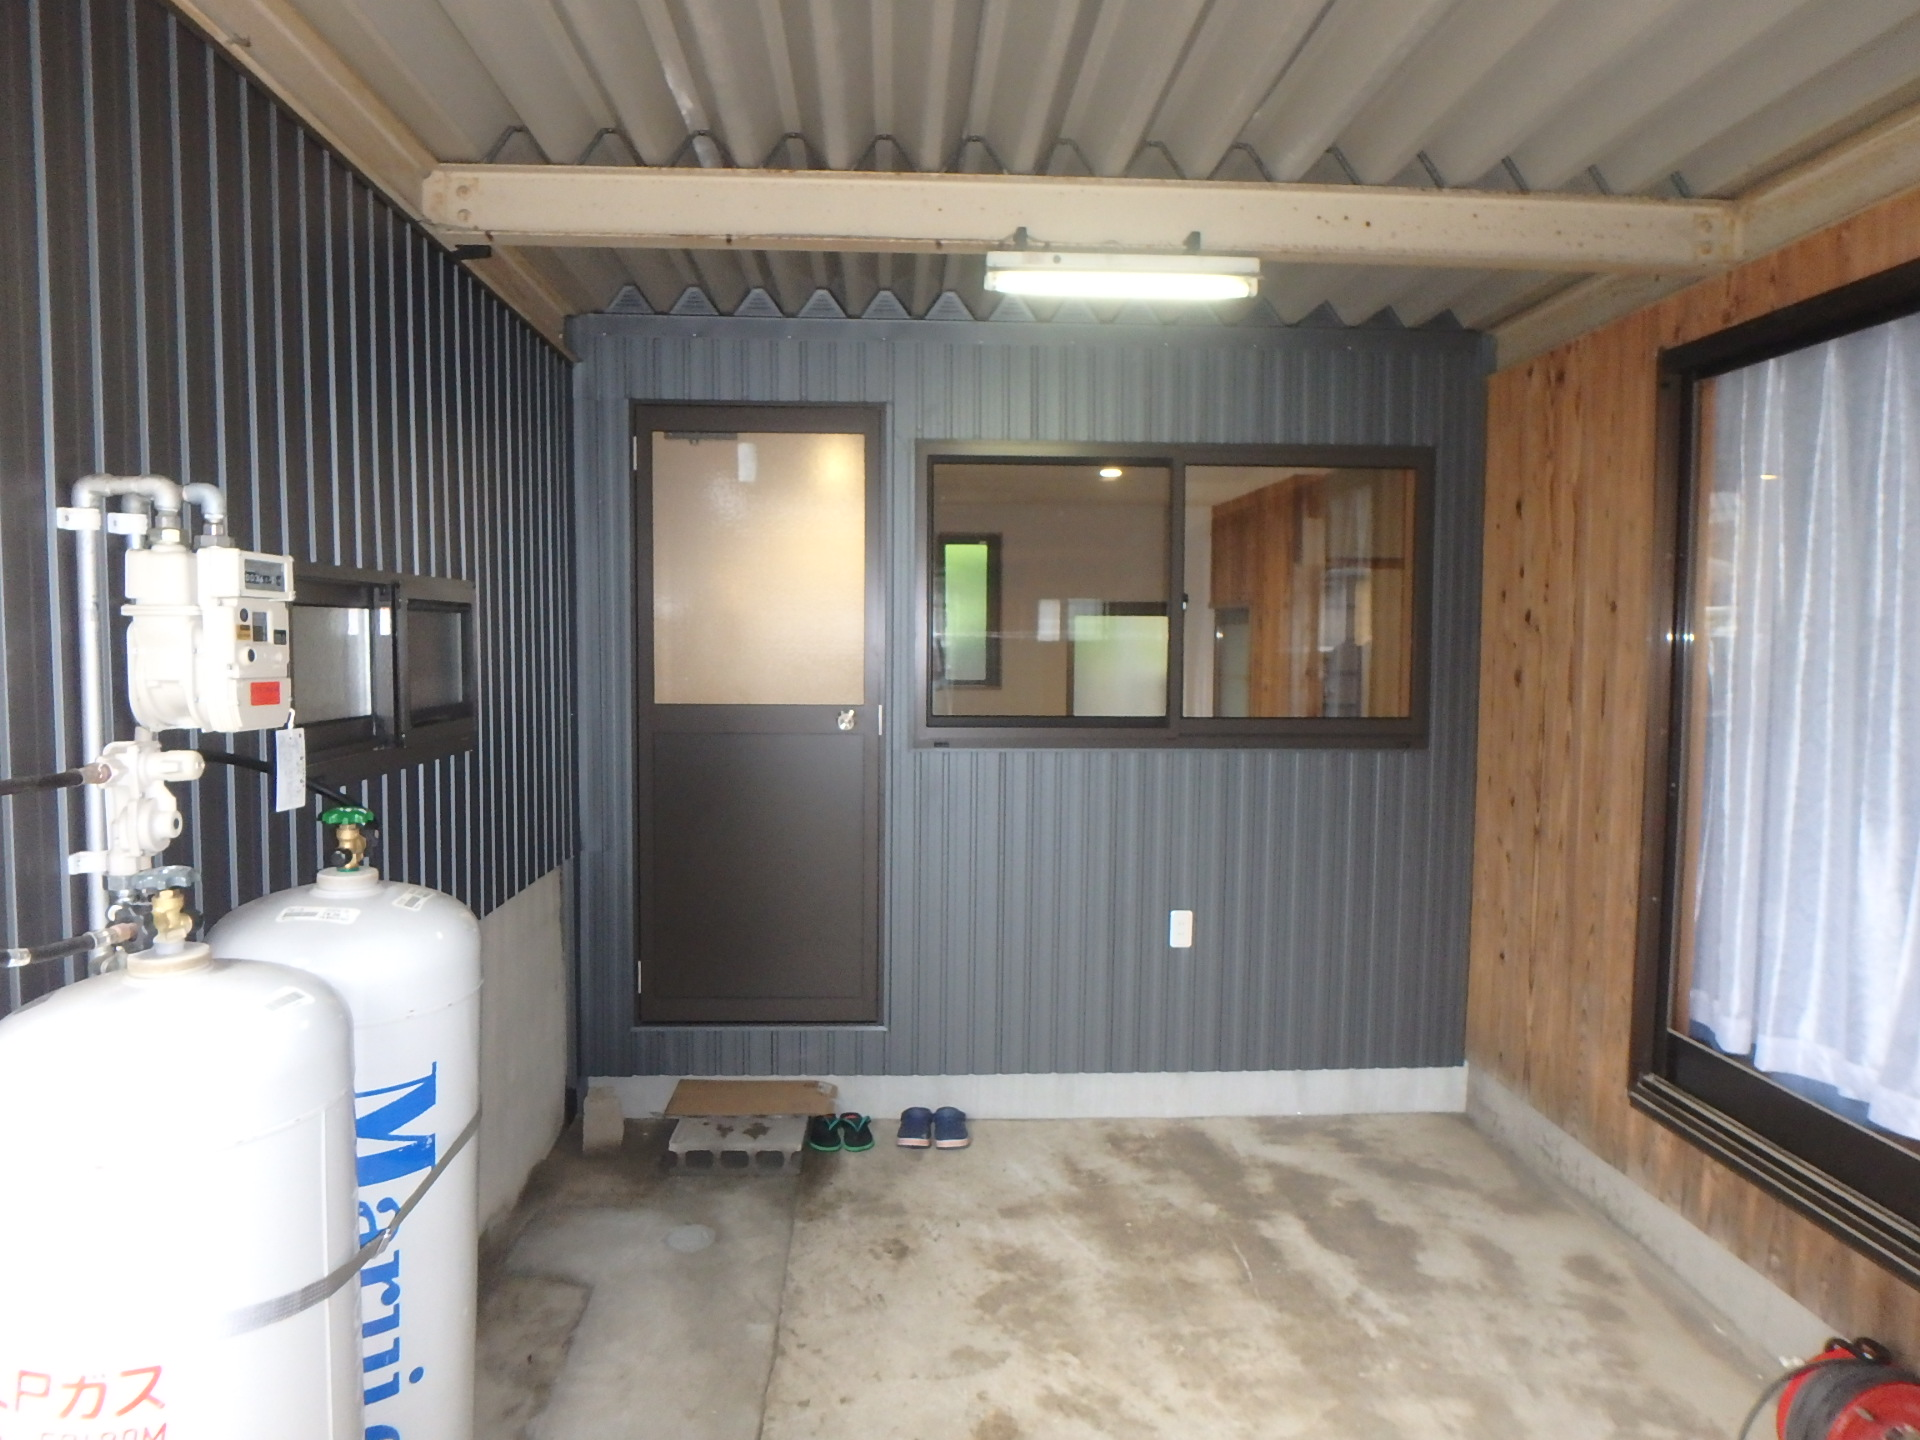 完成 屋根を断熱して渡り廊下を新設